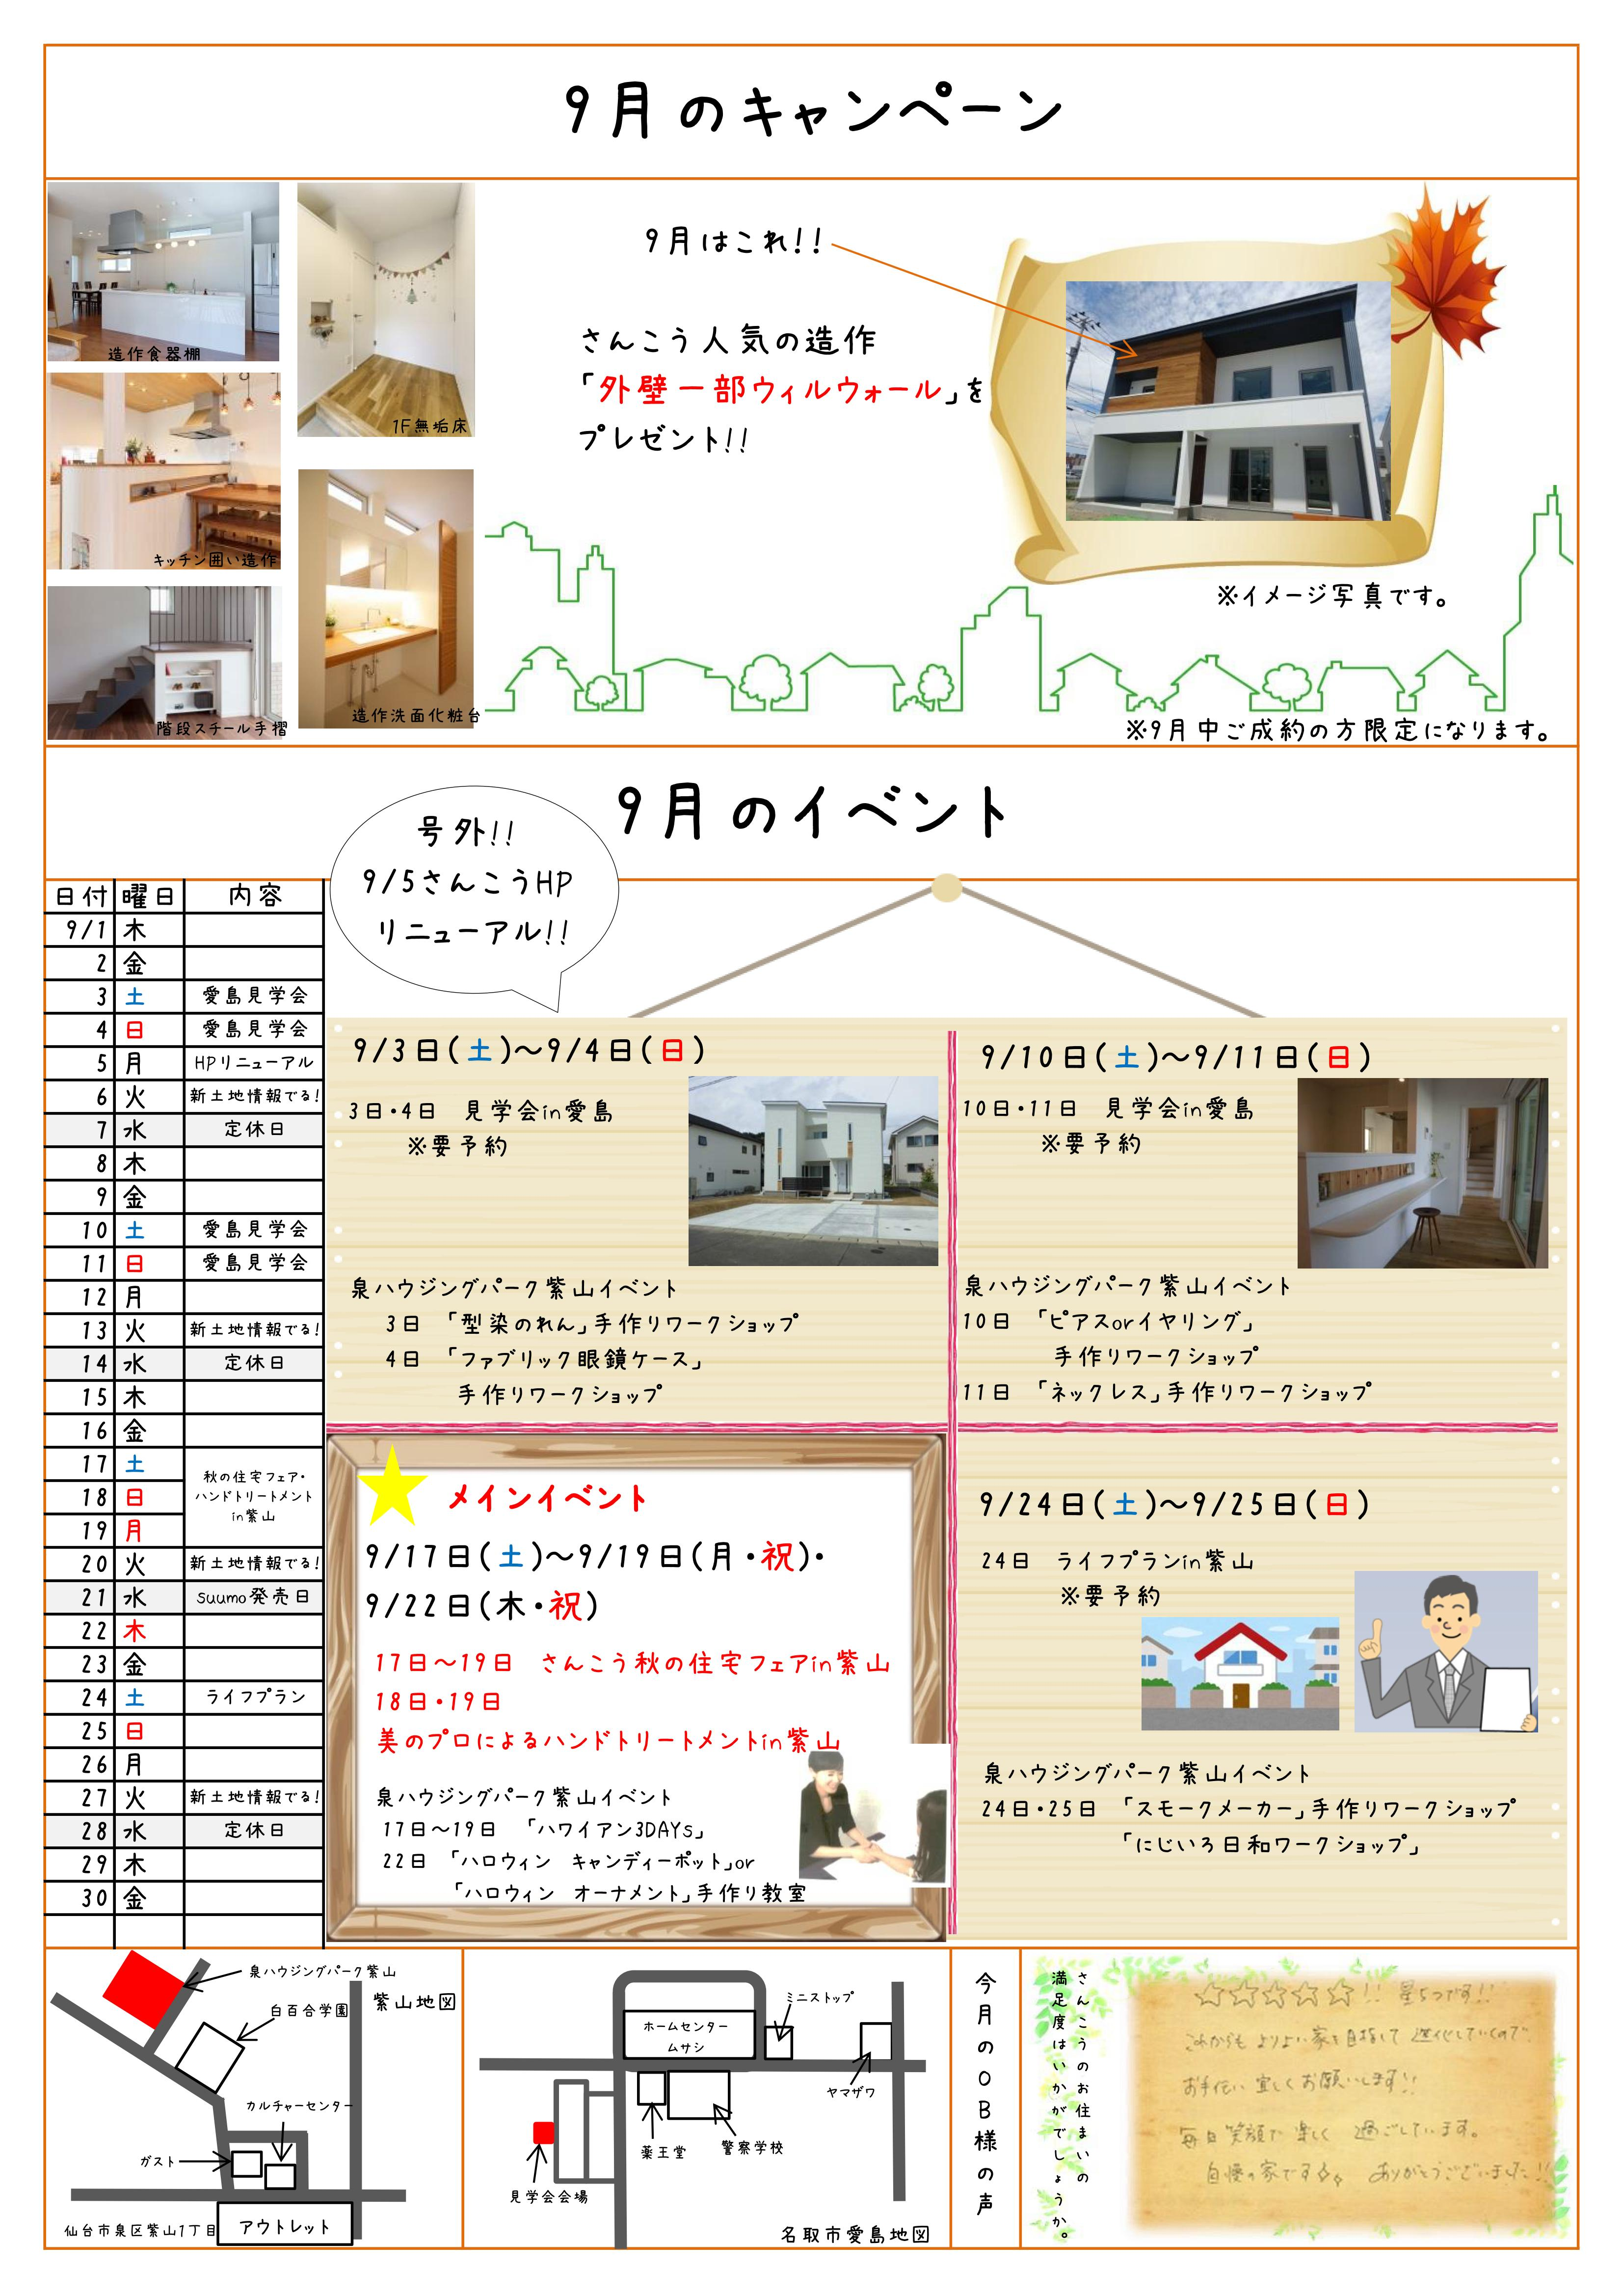 9月イベント情報